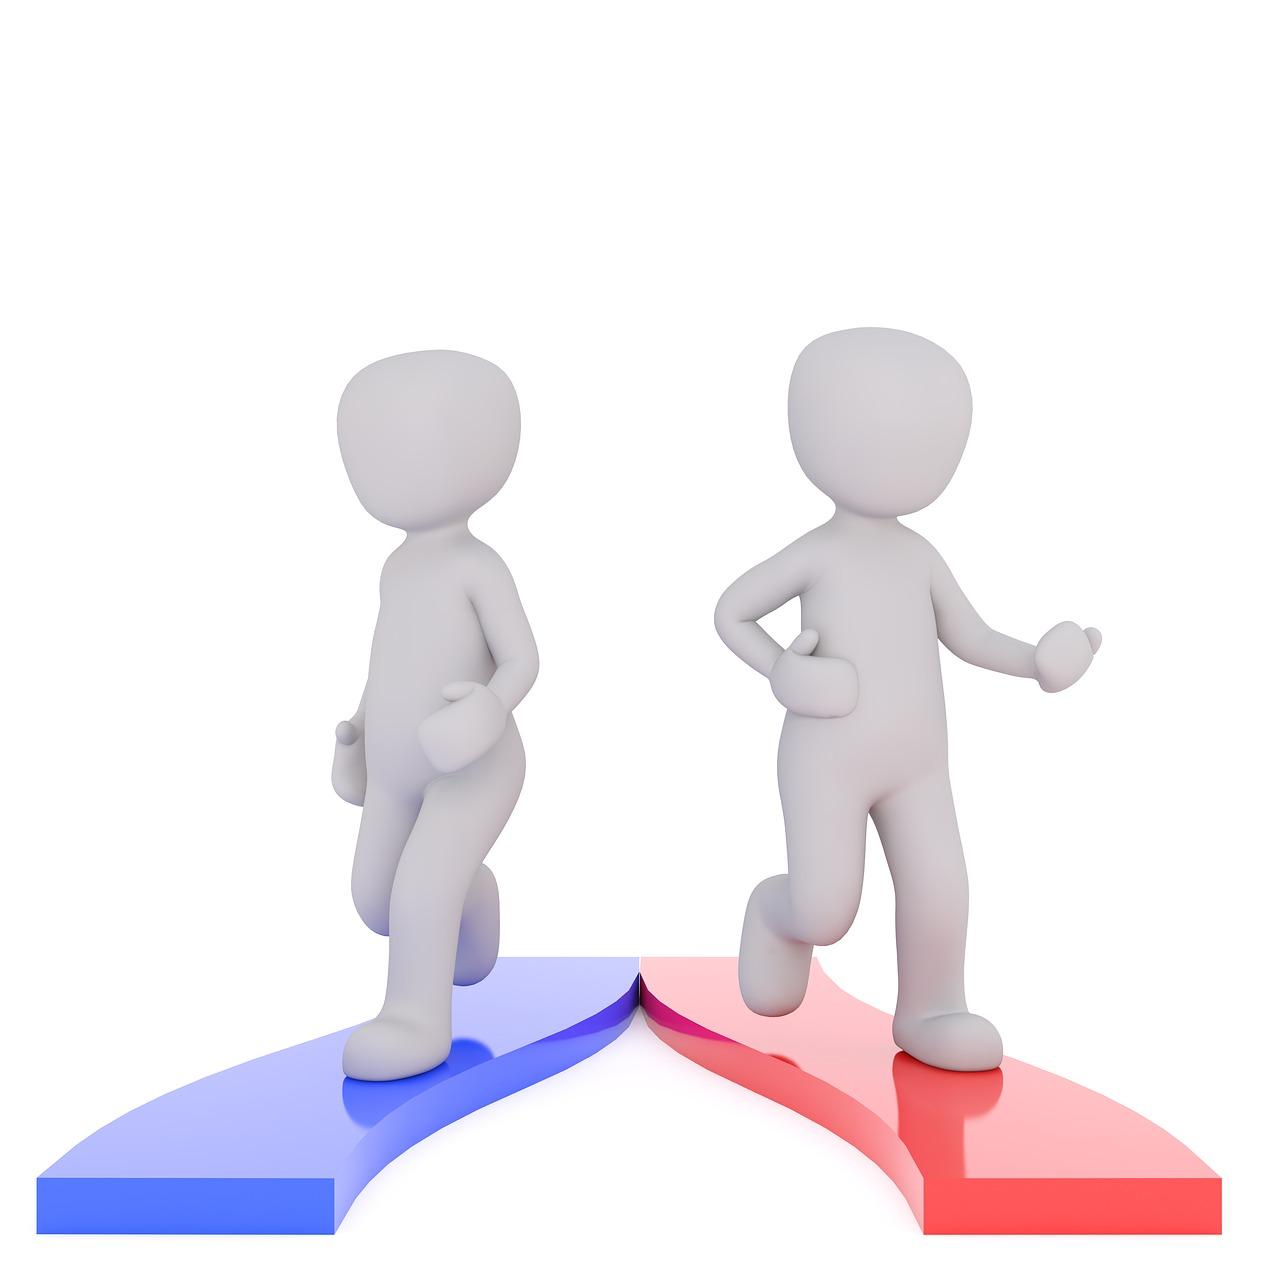 「いきむ」と「りきむ」の違いとは何?意味や類語・英語表記も調査!